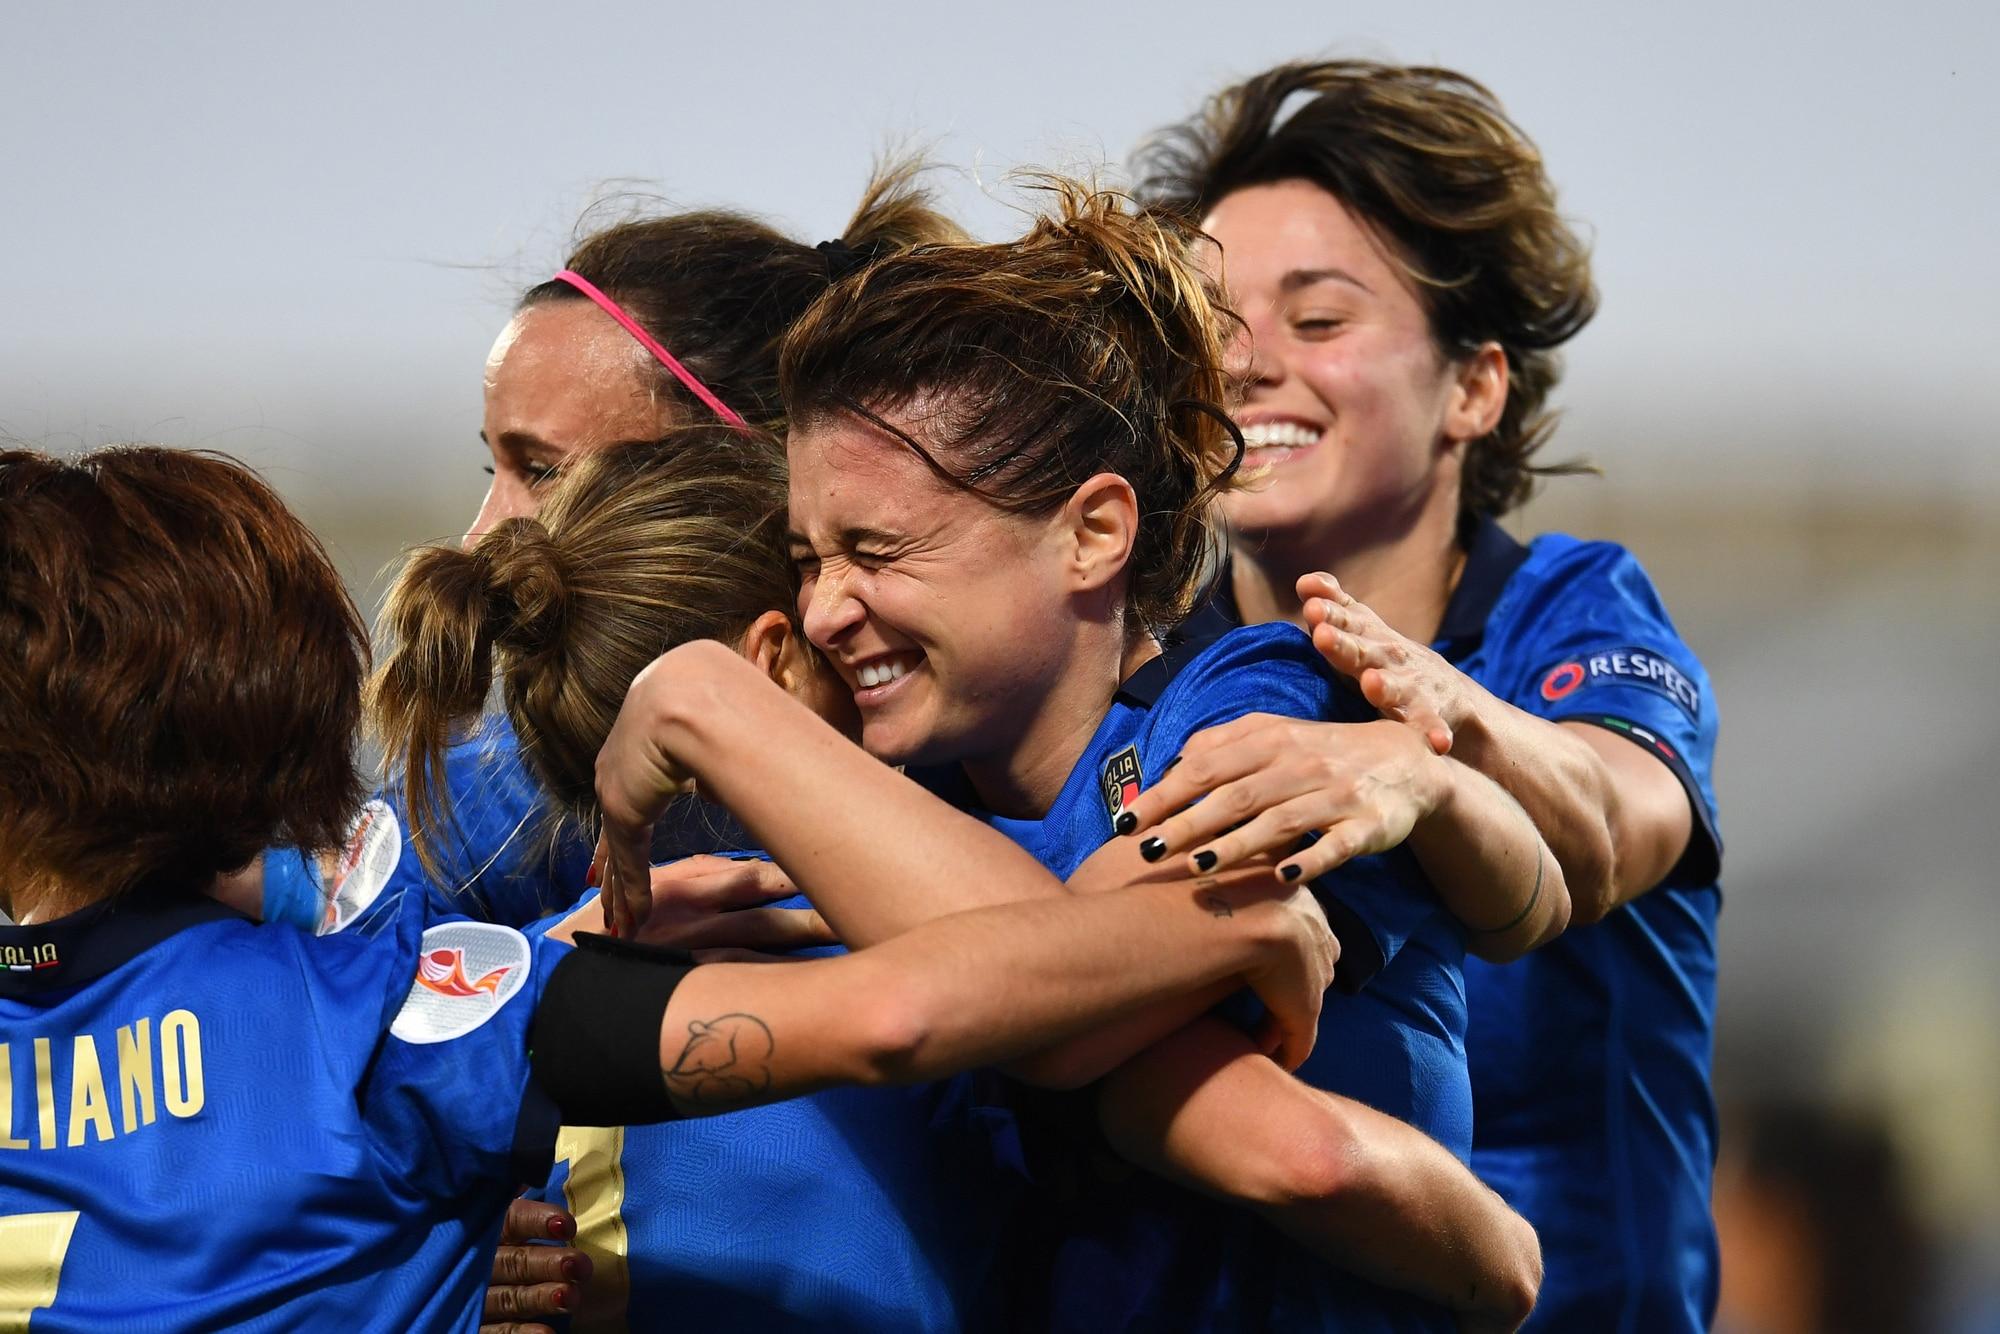 Sorelle d'Italia! La Nazionale femminile vola all'Europeo: 12-0 contro Israele